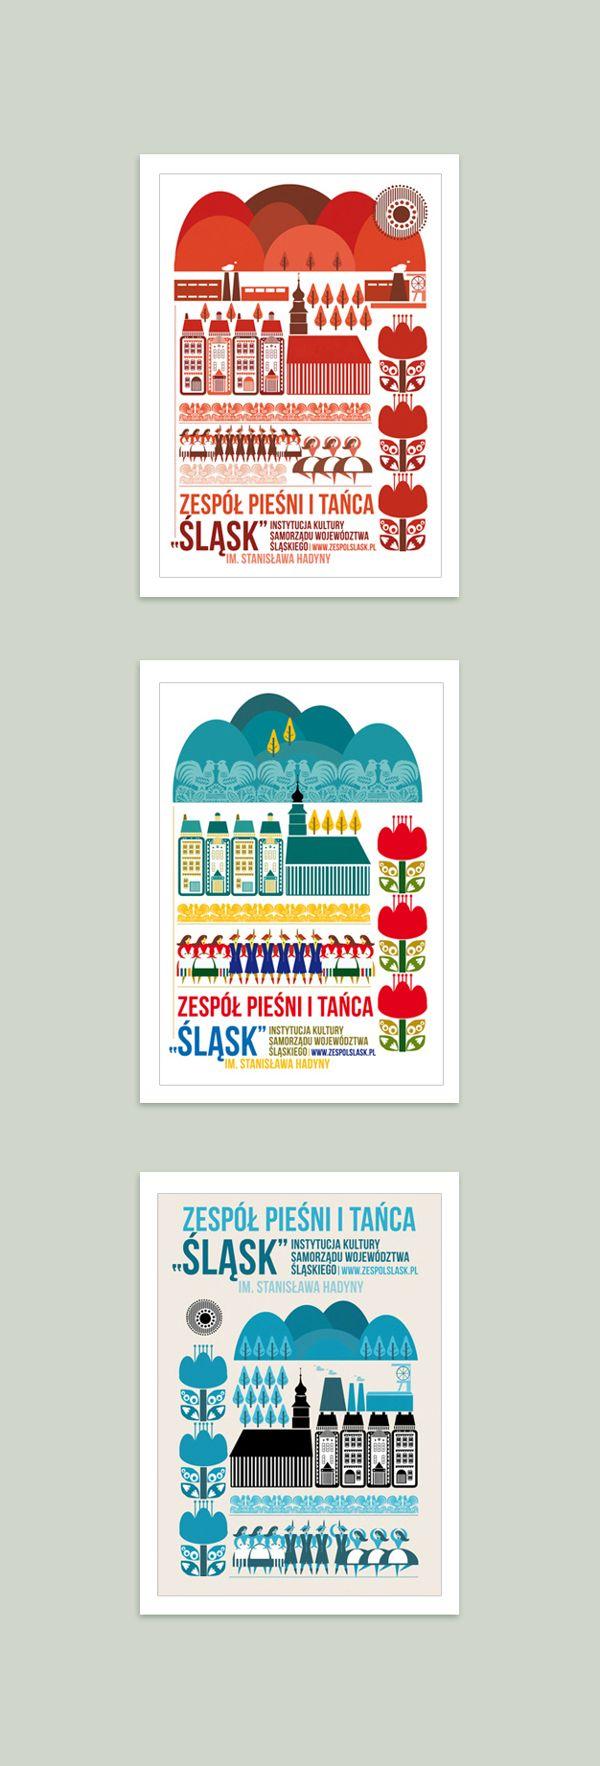 Poster - Śląsk Martyna Wójcik-Śmierska https://www.behance.net/gallery/8061893/POSTERS